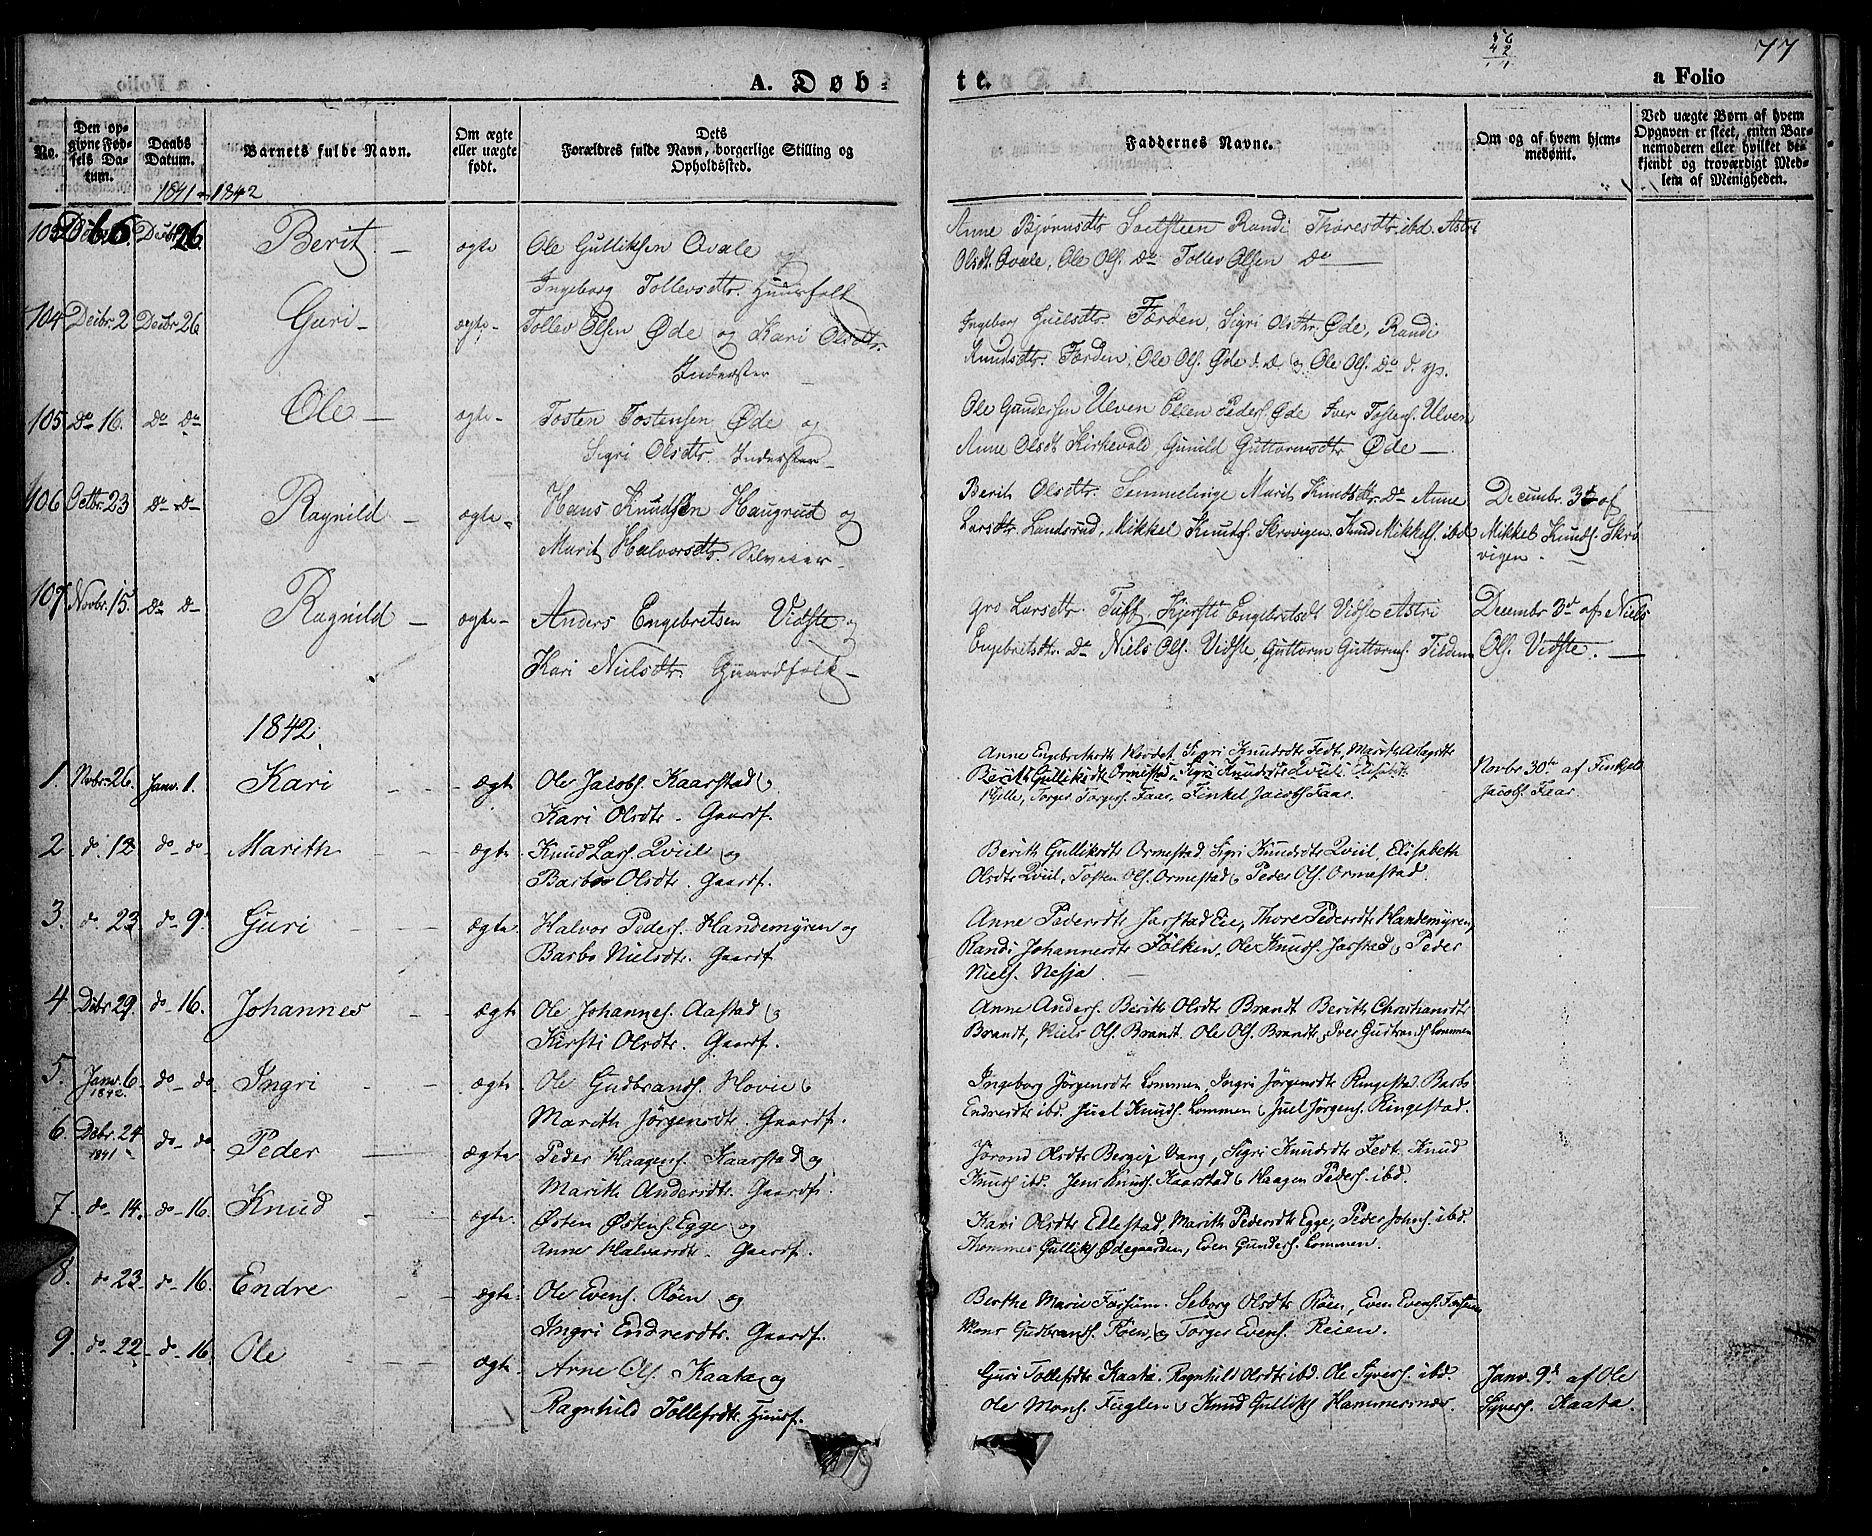 SAH, Slidre prestekontor, Ministerialbok nr. 3, 1831-1843, s. 77